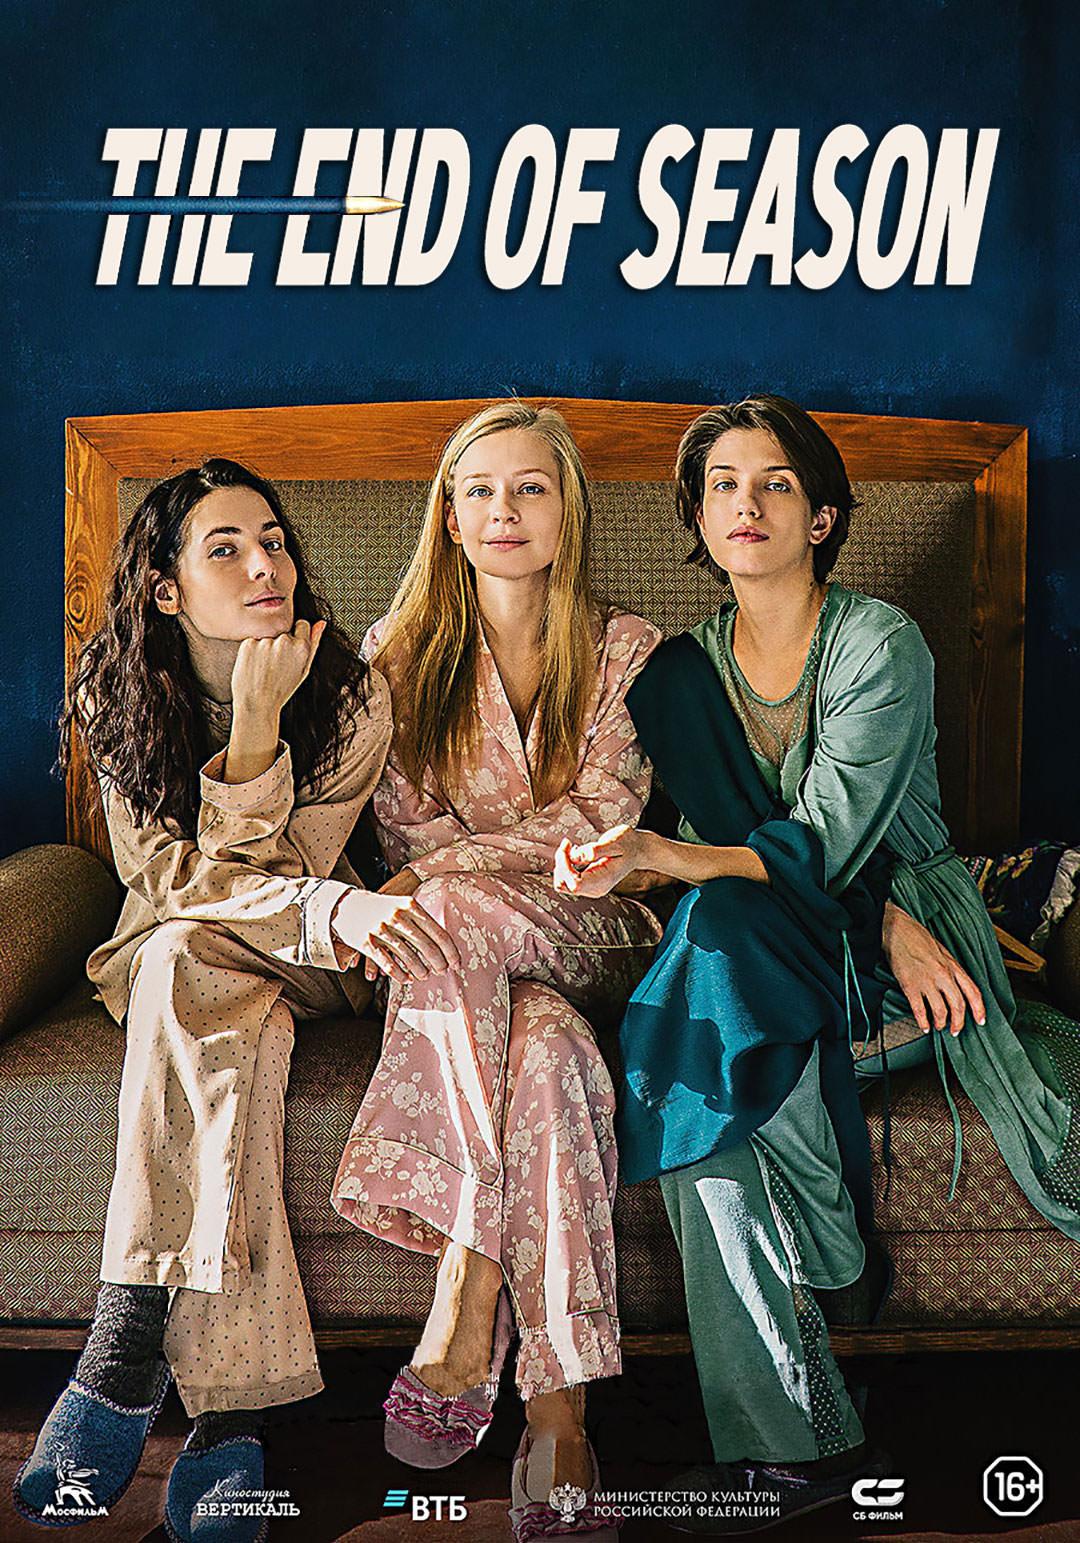 The End of Season